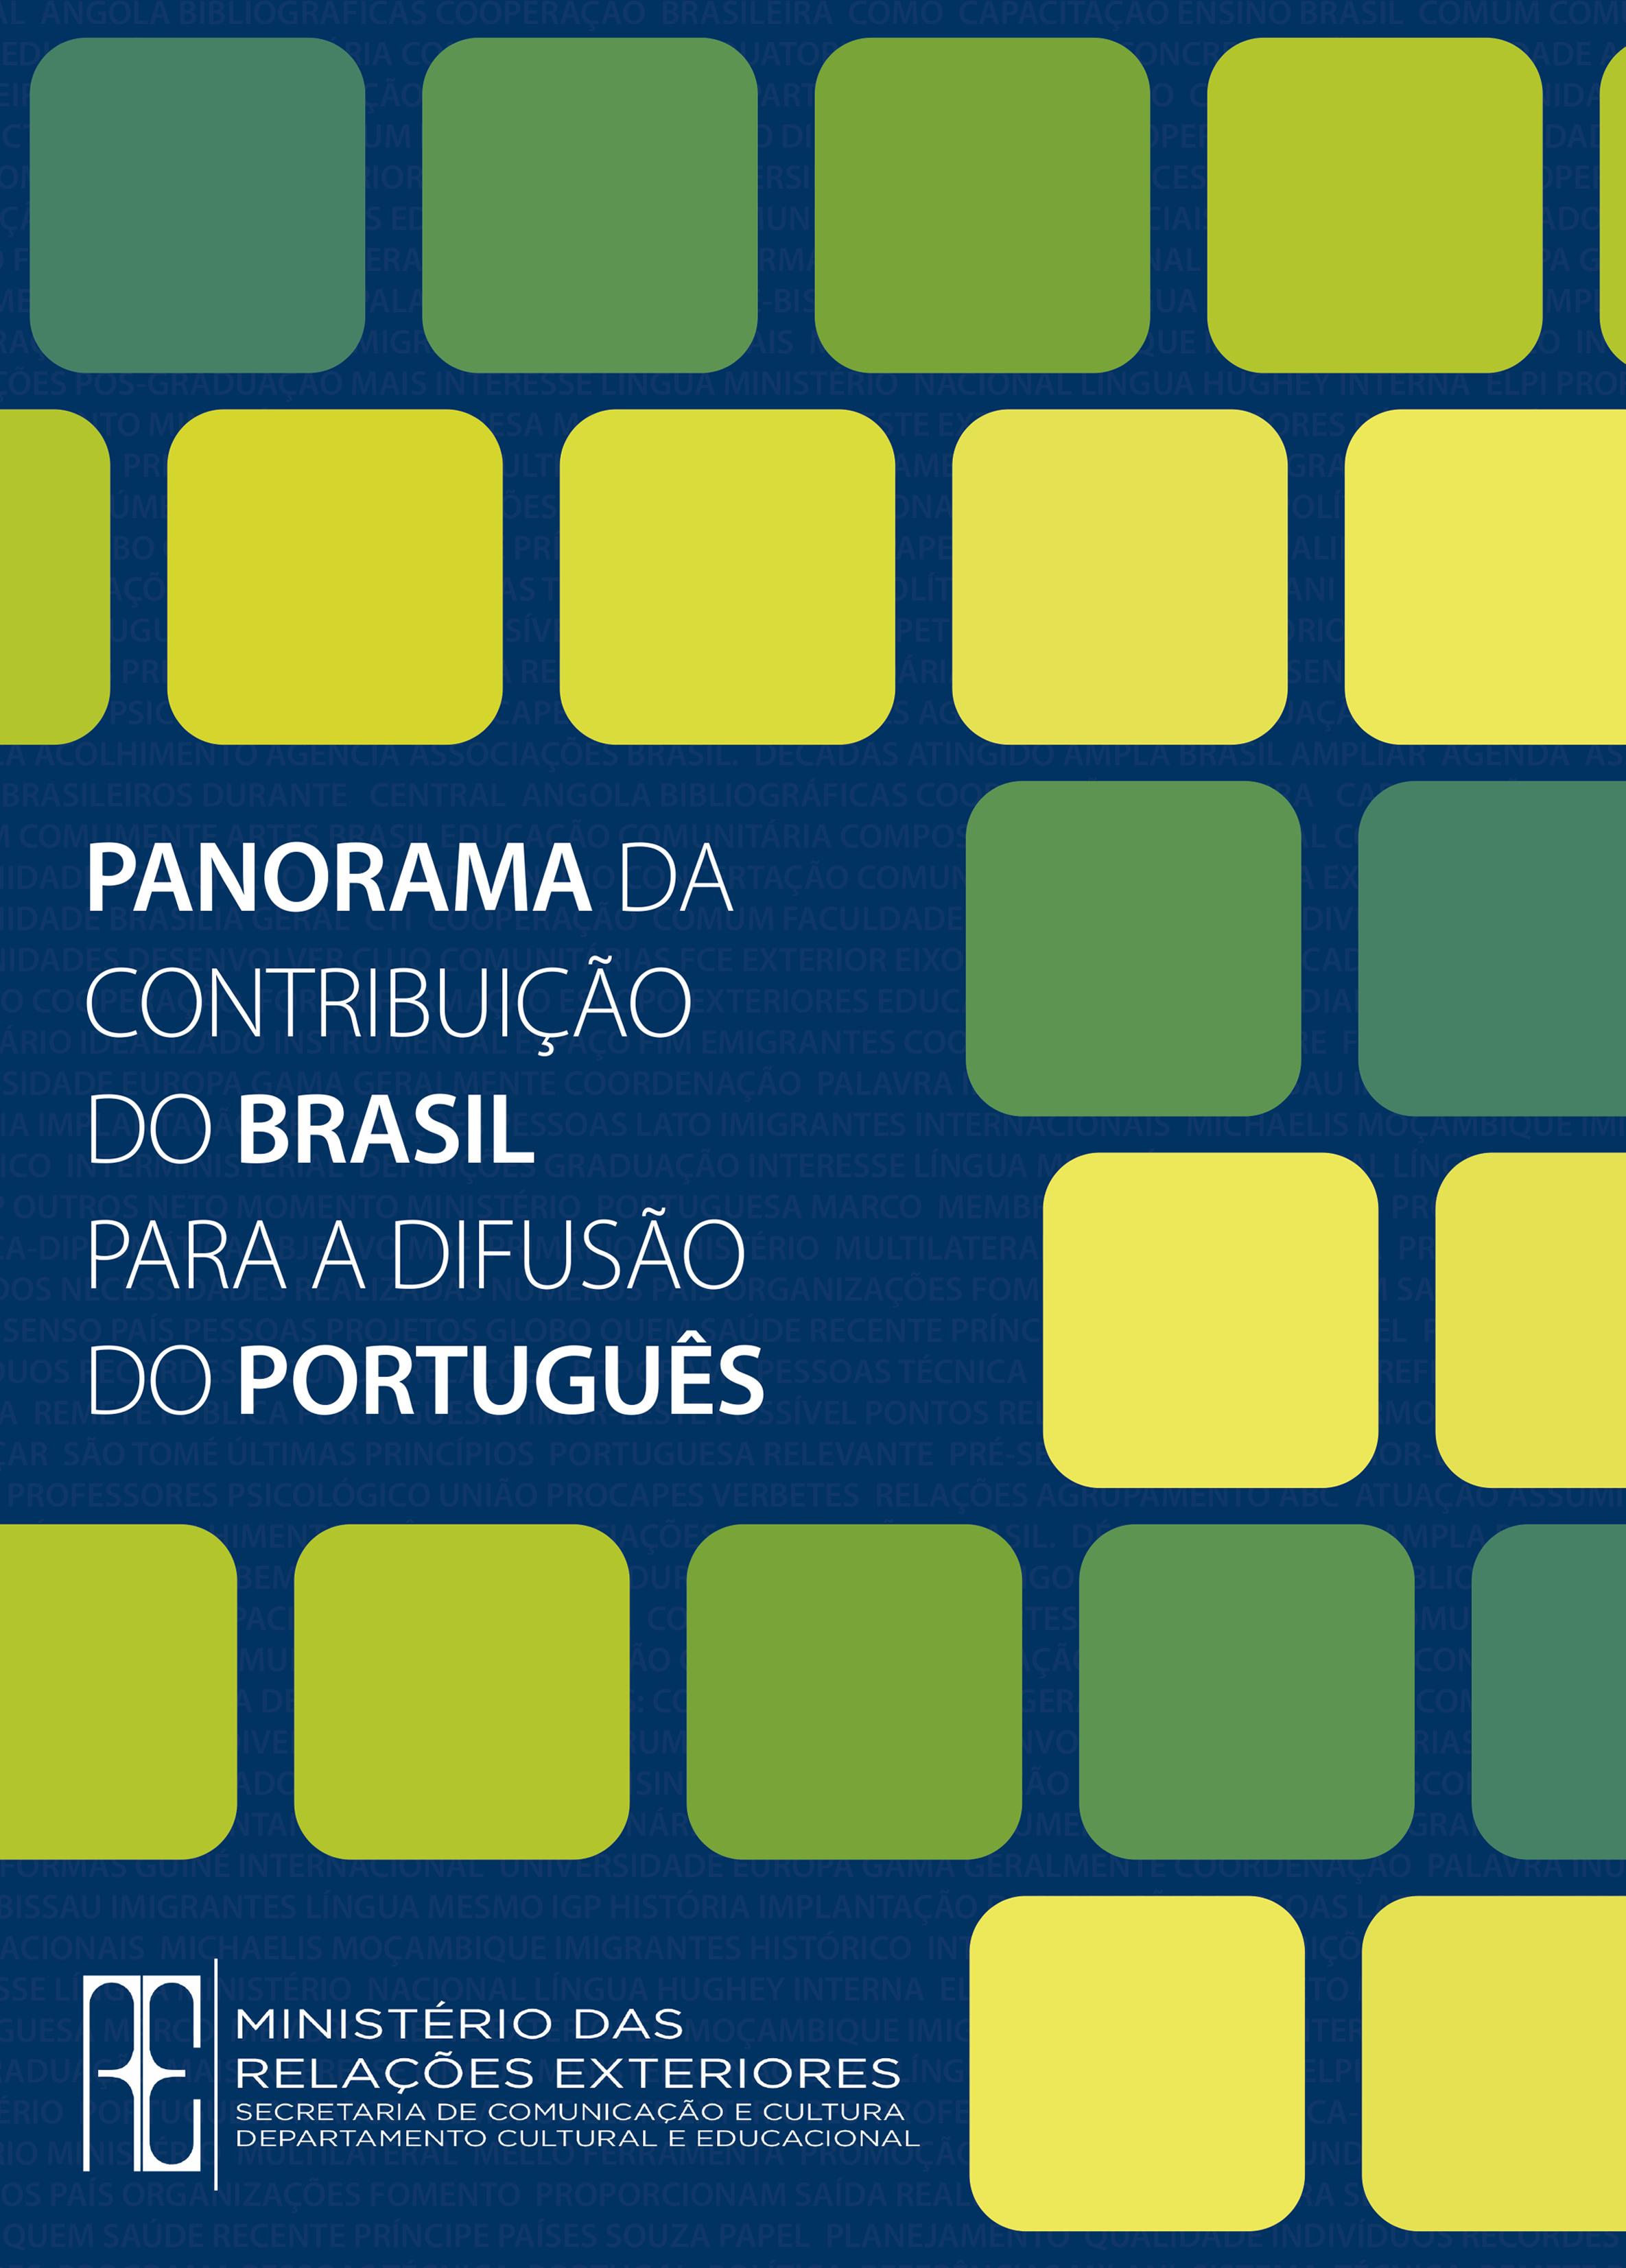 Panorama da contribuição do Brasil para a difusão do português